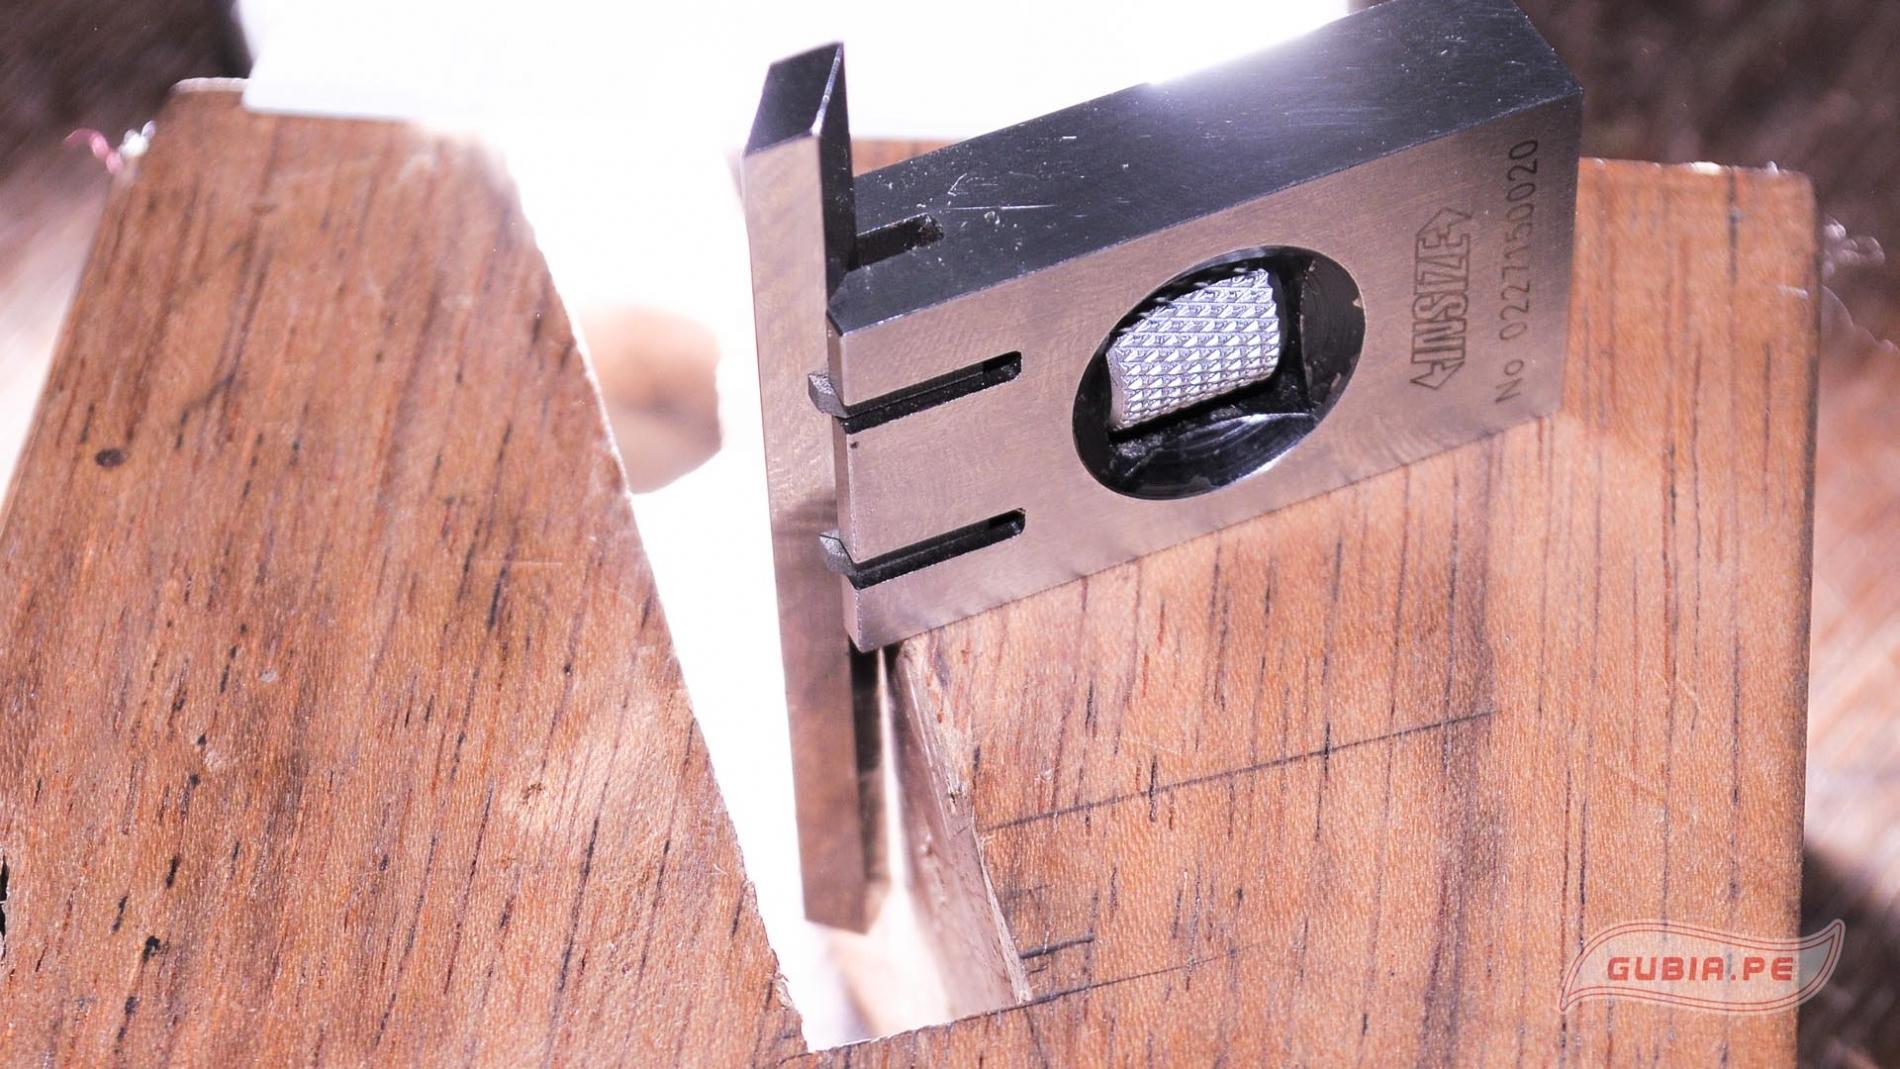 4701-01-Escuadrita ajustable y precisa medir angulo recto uniones caja 6x38 mm INSIZE 4701-01-max-5.